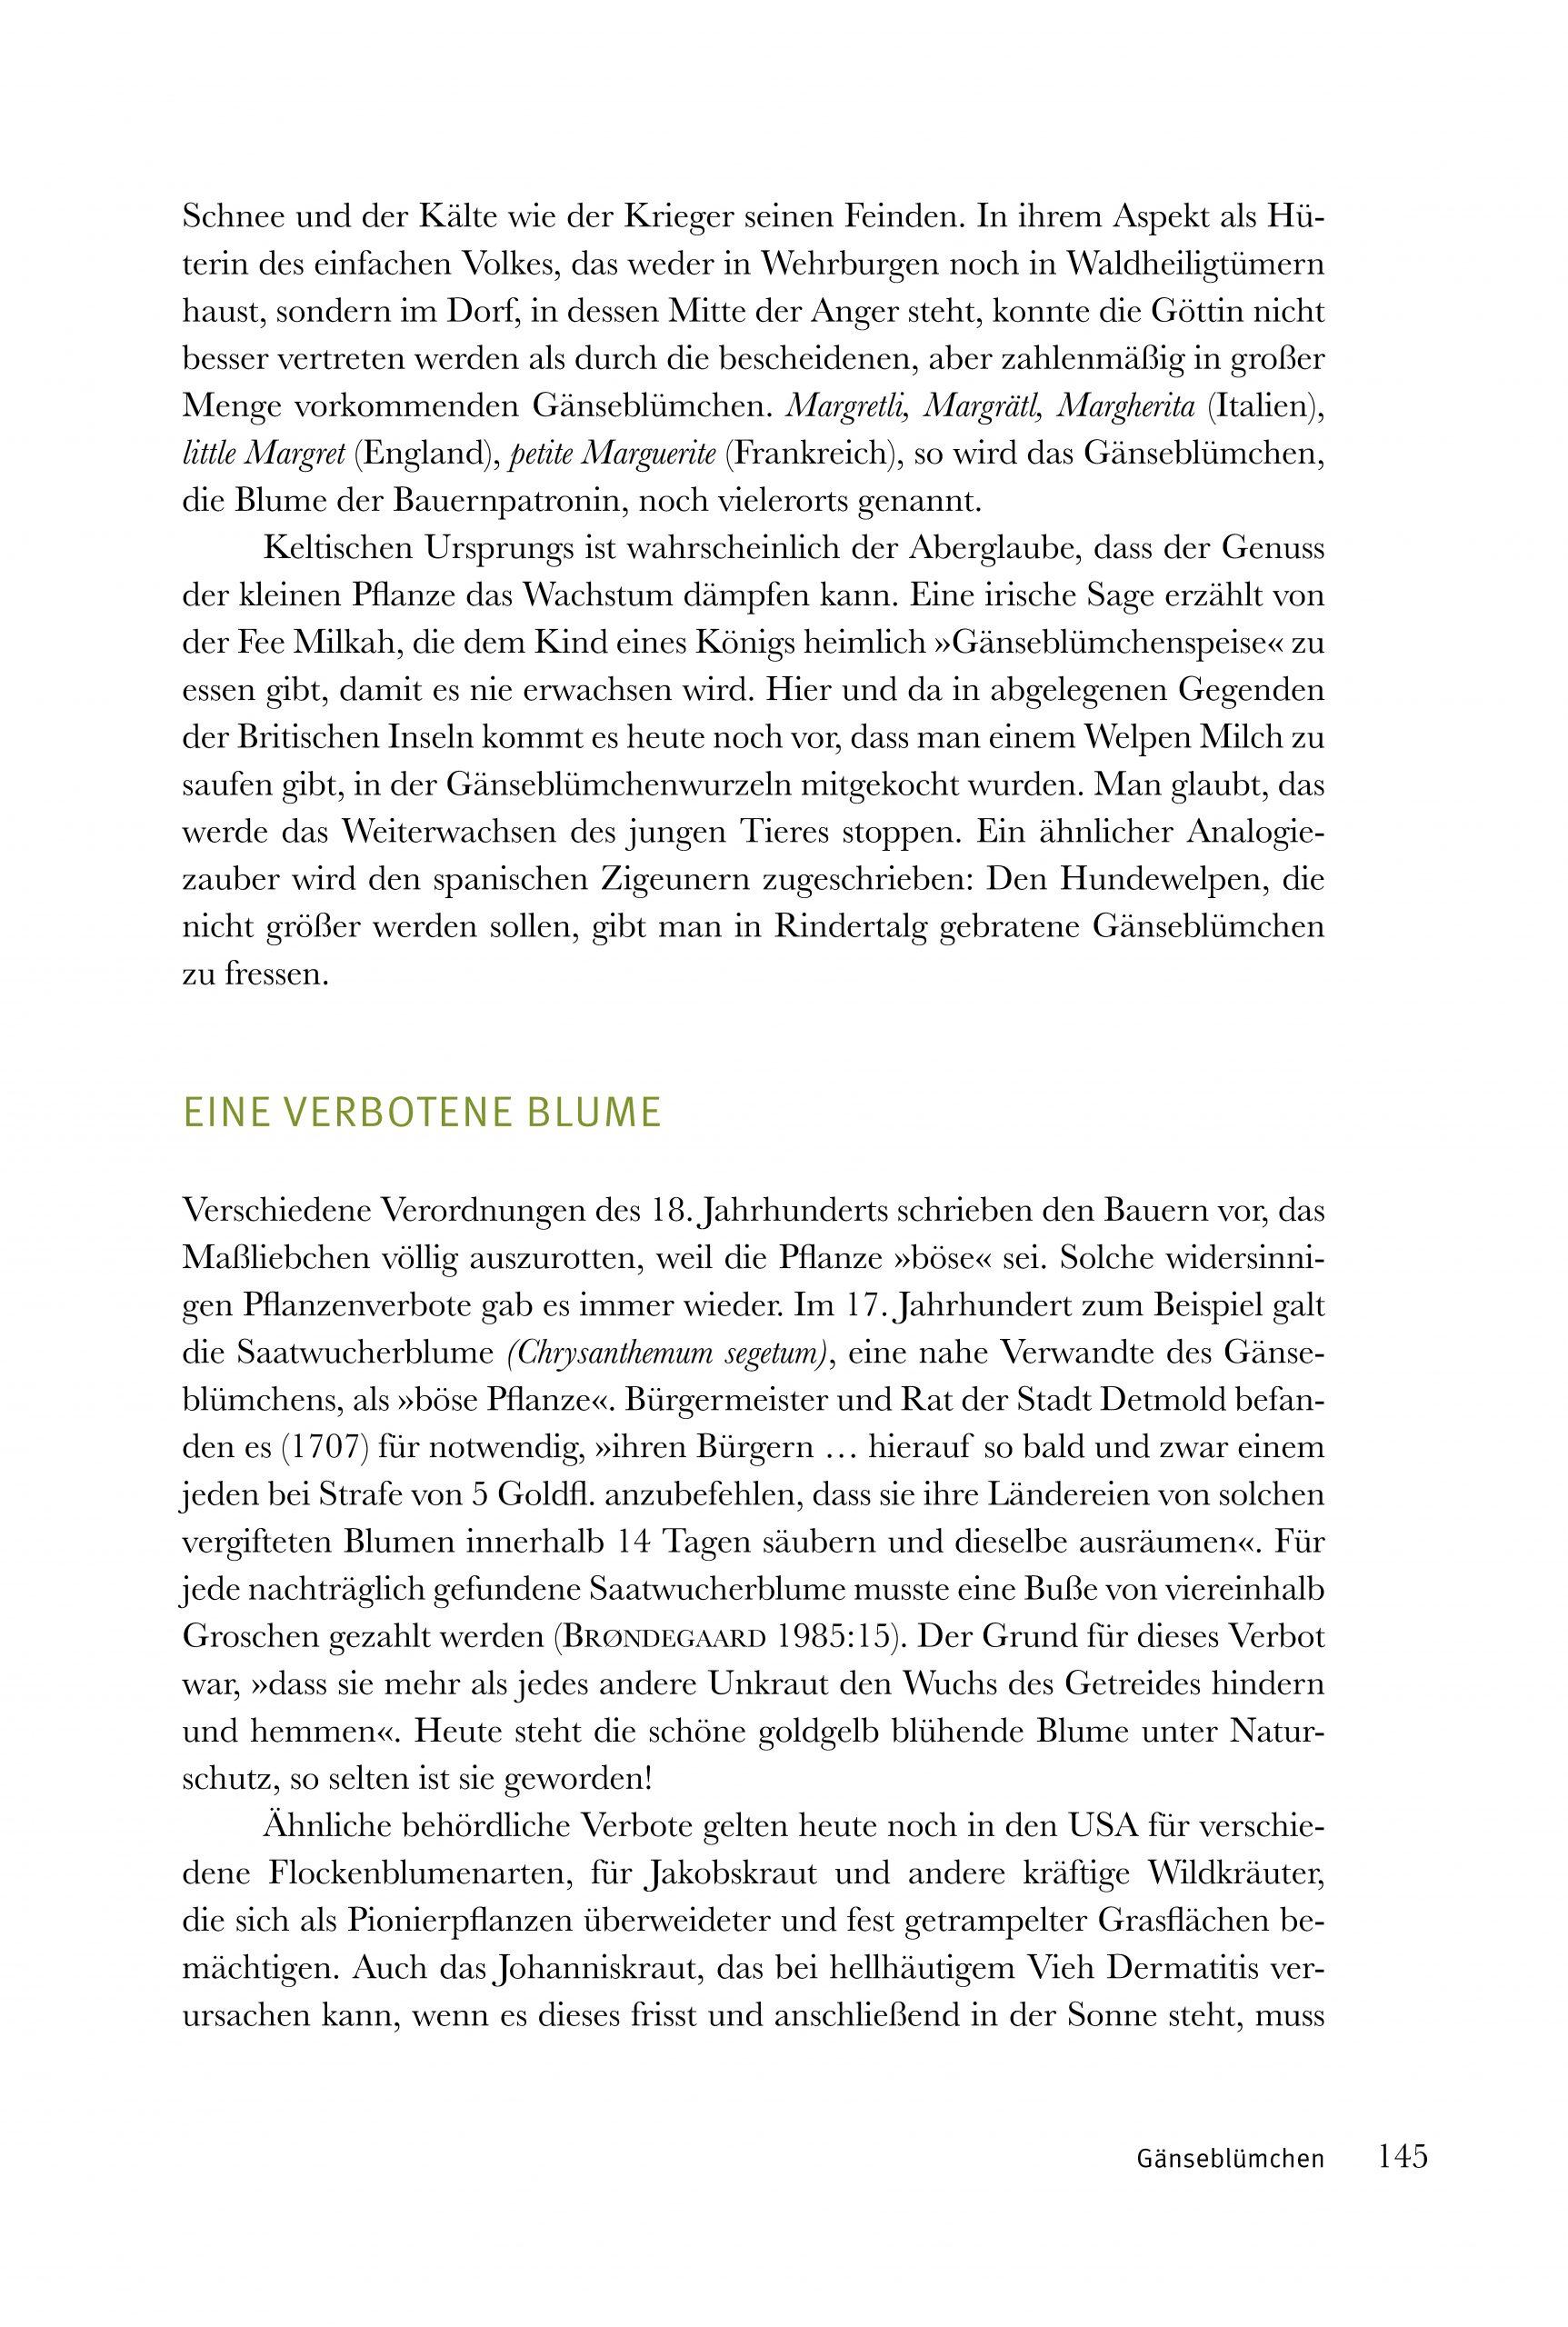 Heilkräuter_und_Zauberpflanzen_Look_Inside_Seite_13